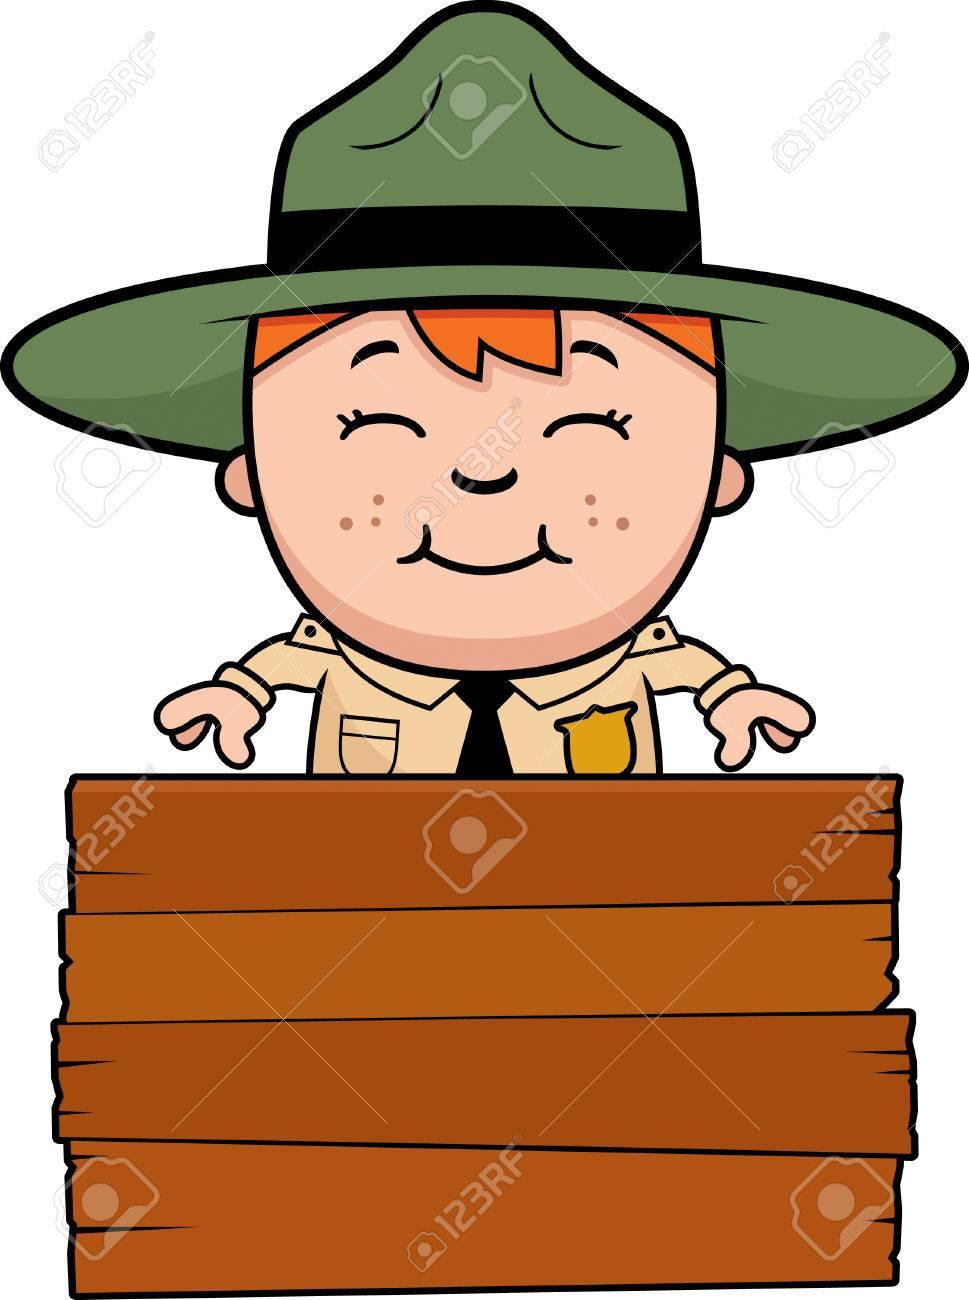 記号で少年の公園のレンジャーの漫画イラストのイラスト素材ベクタ